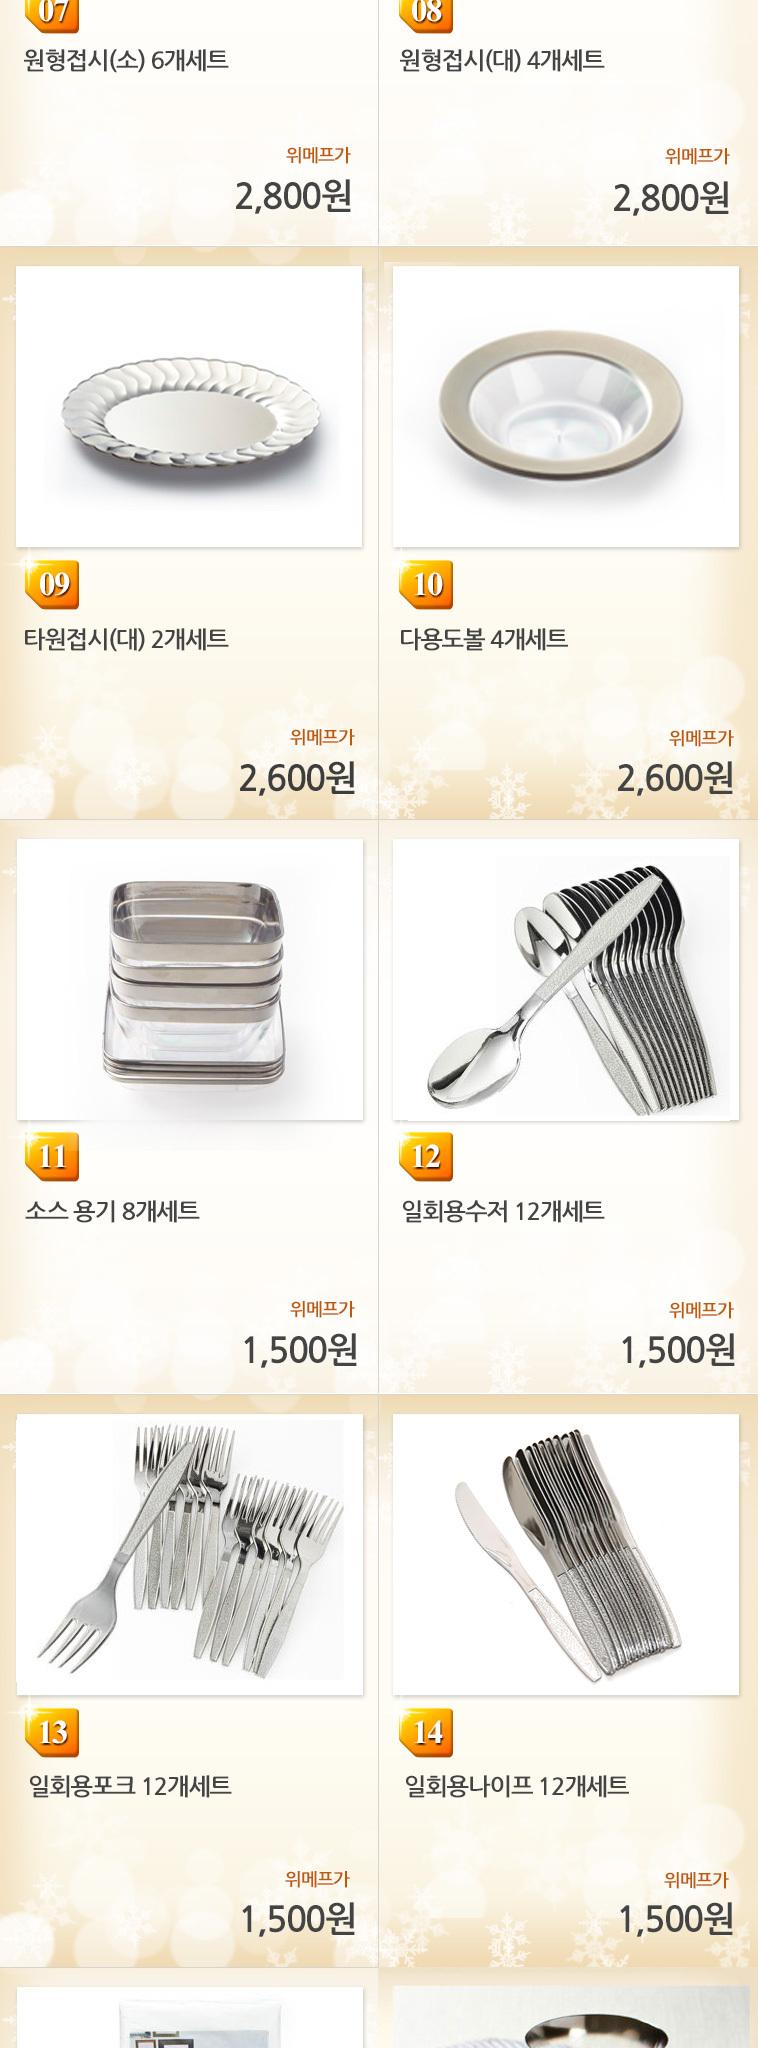 일회용 와인잔/샴페인잔 6개세트 - 상세정보